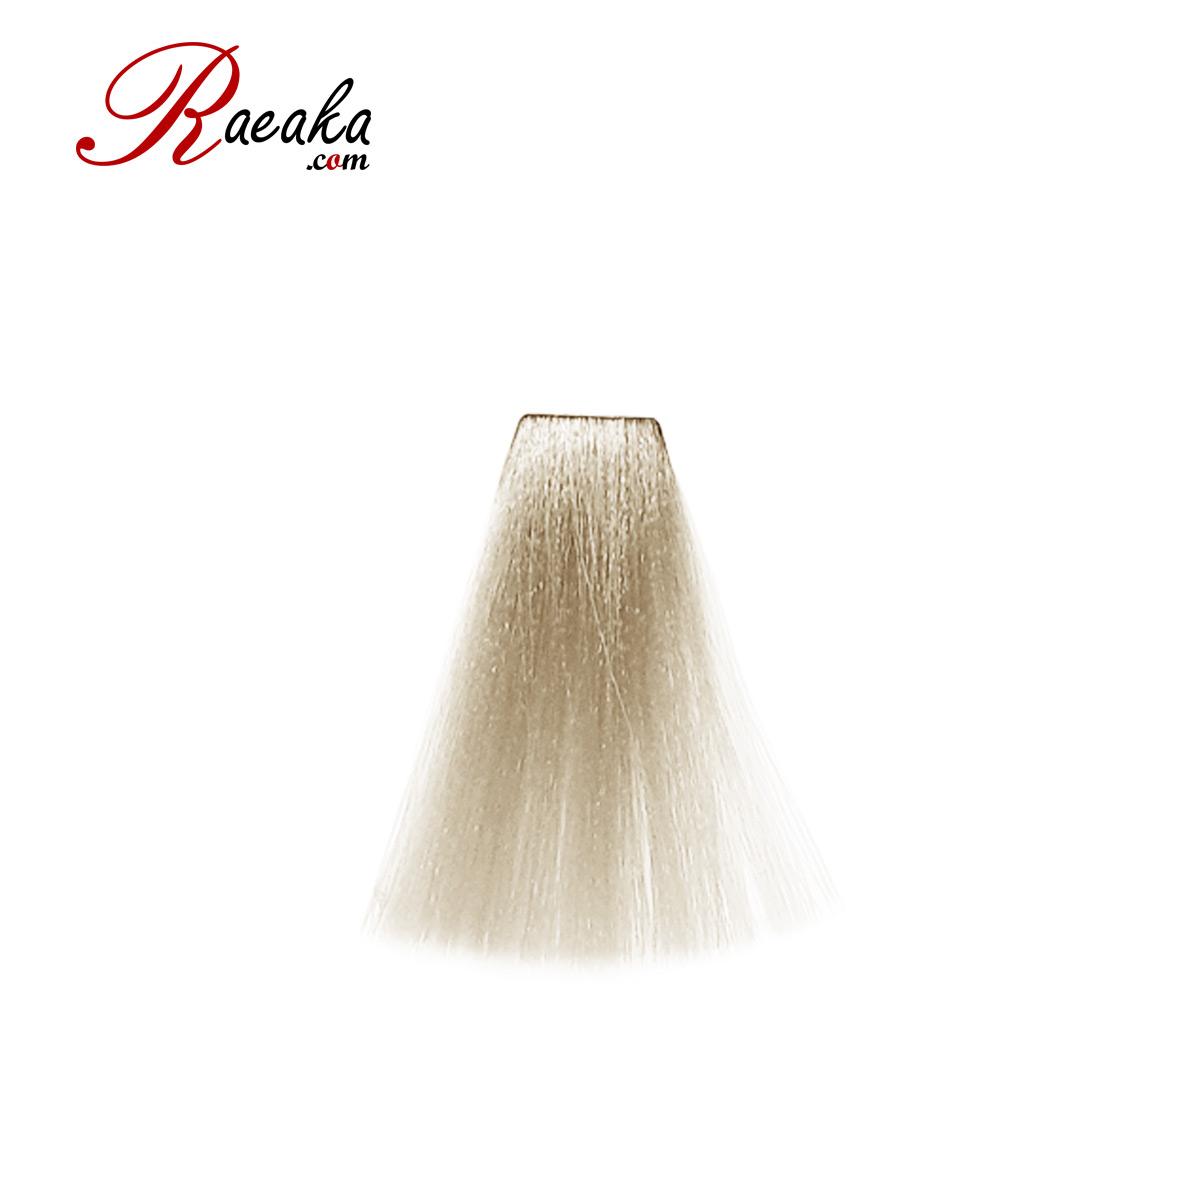 رنگ مو دوشس سری هایلایت حرفه ای شماره 10-12 حجم 125 میلی لیتر